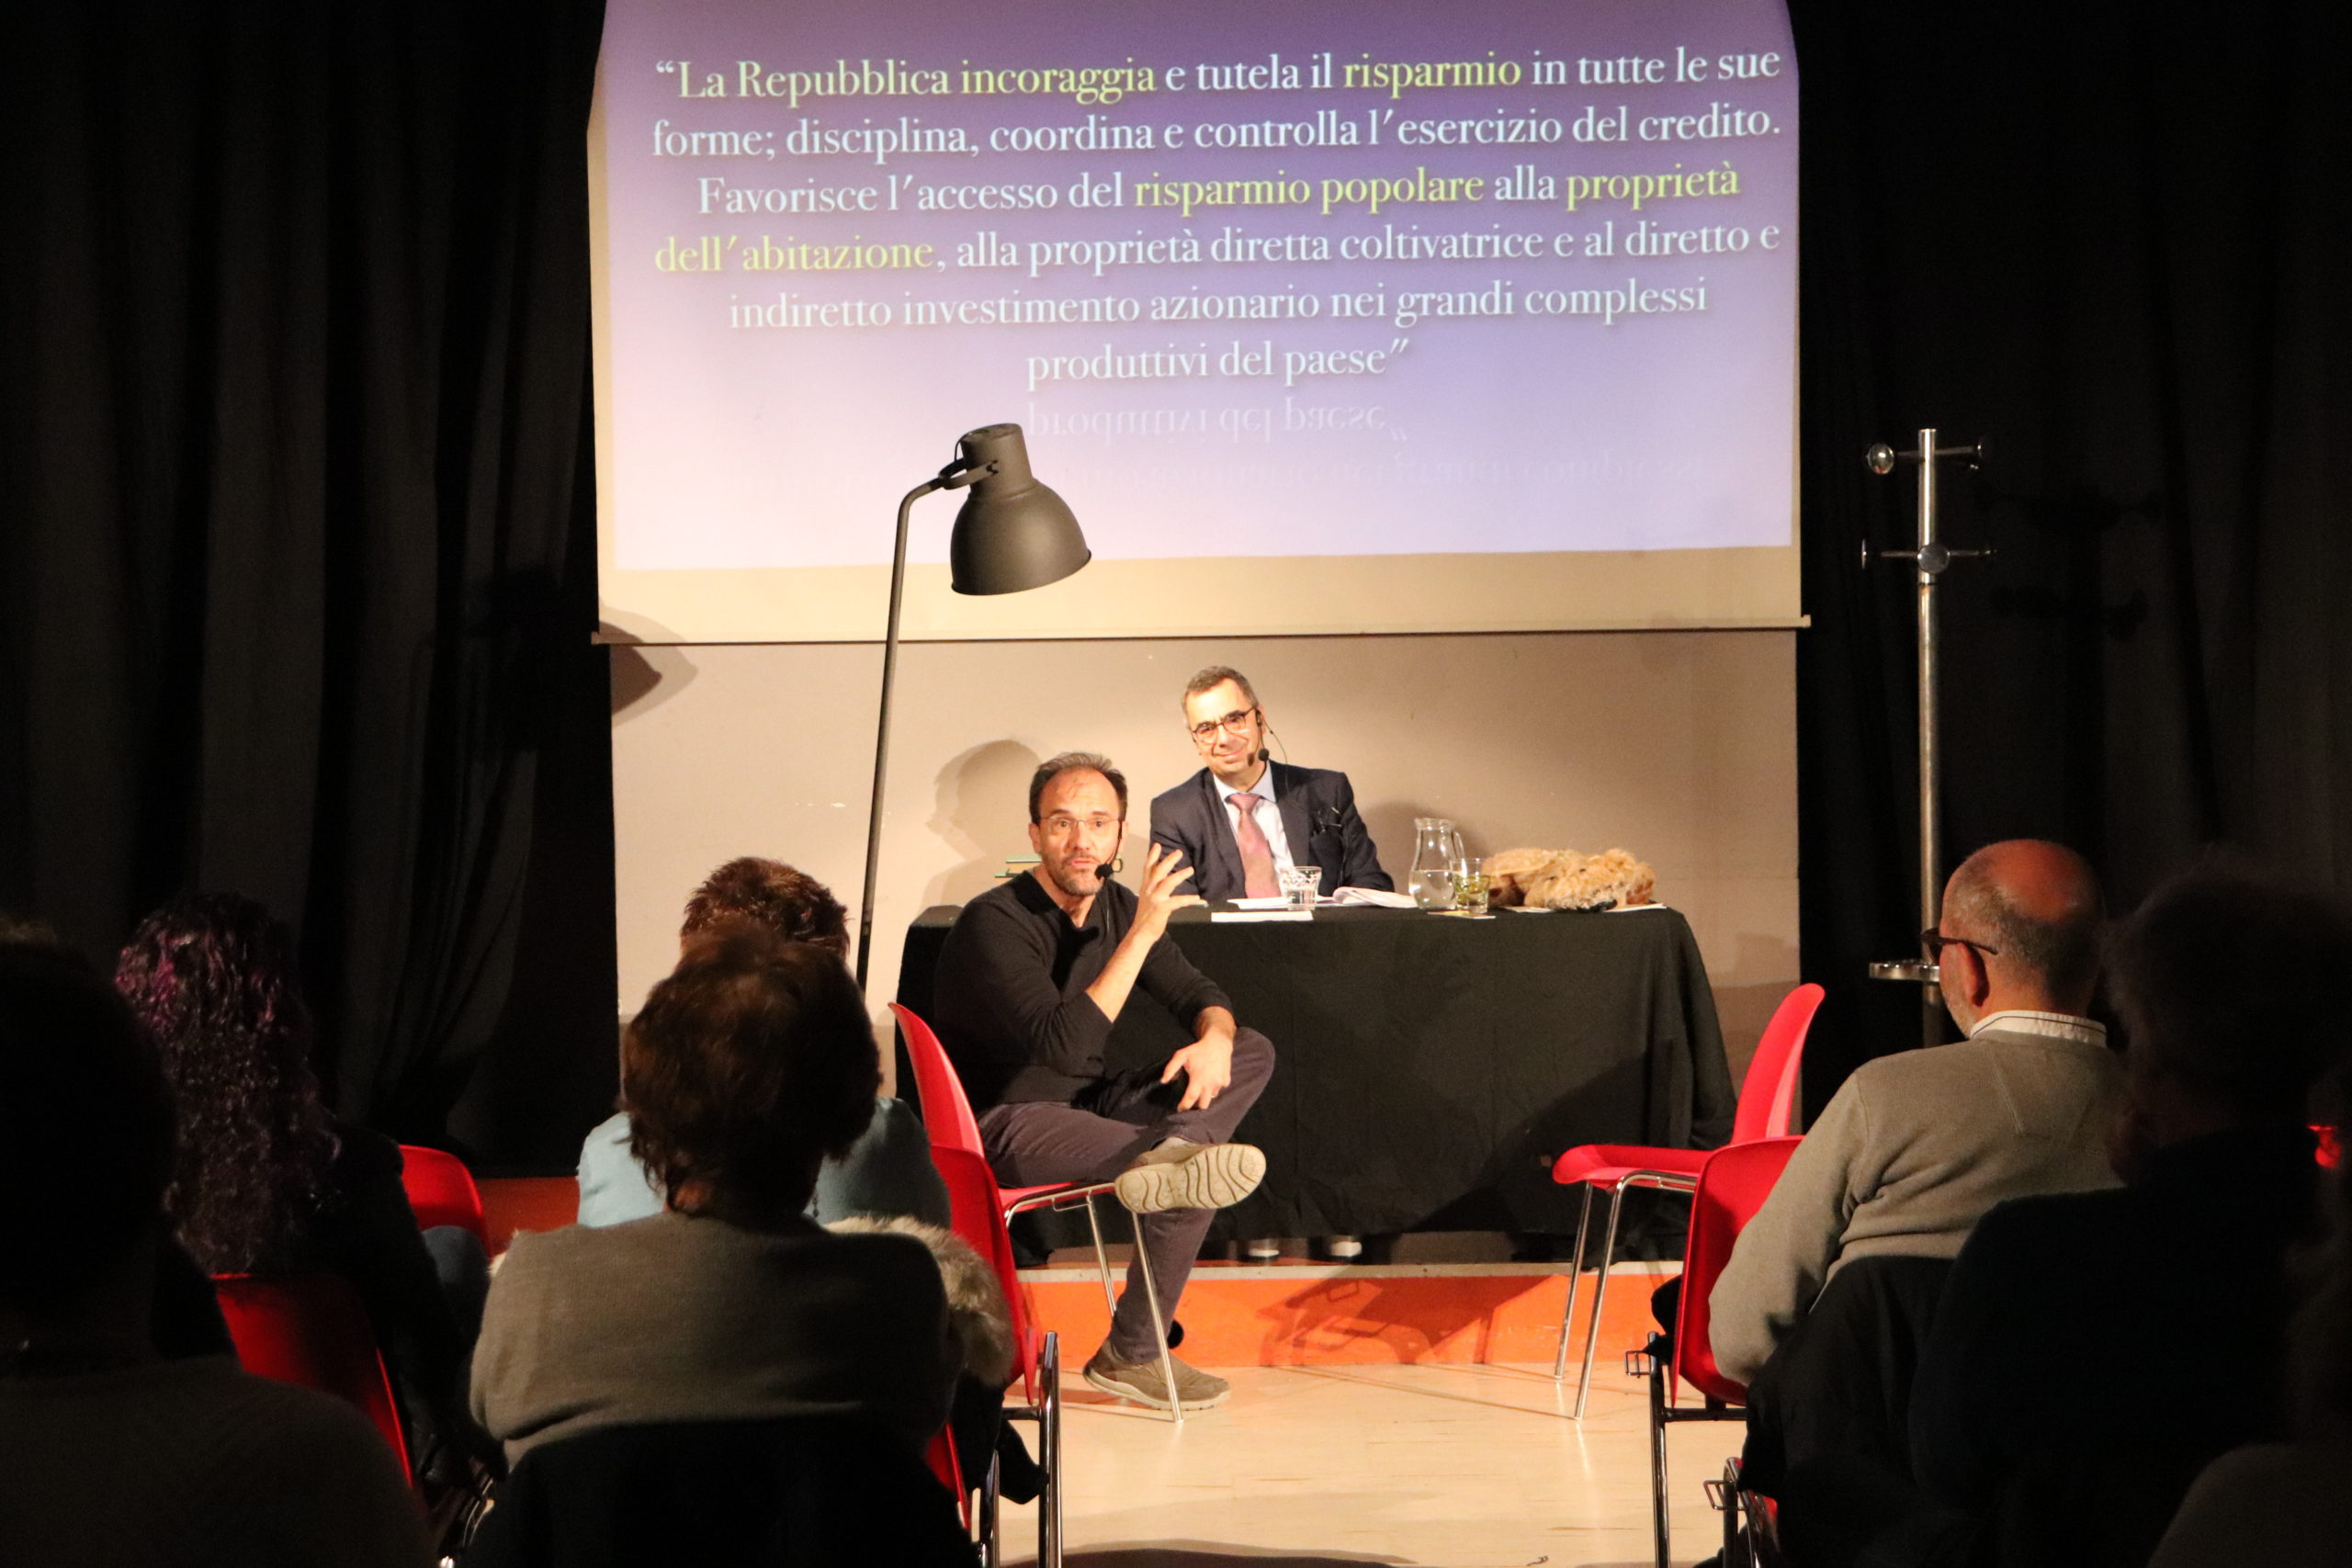 Brutti come il debito - Antonio Cajelli - Patchanka s.c.s